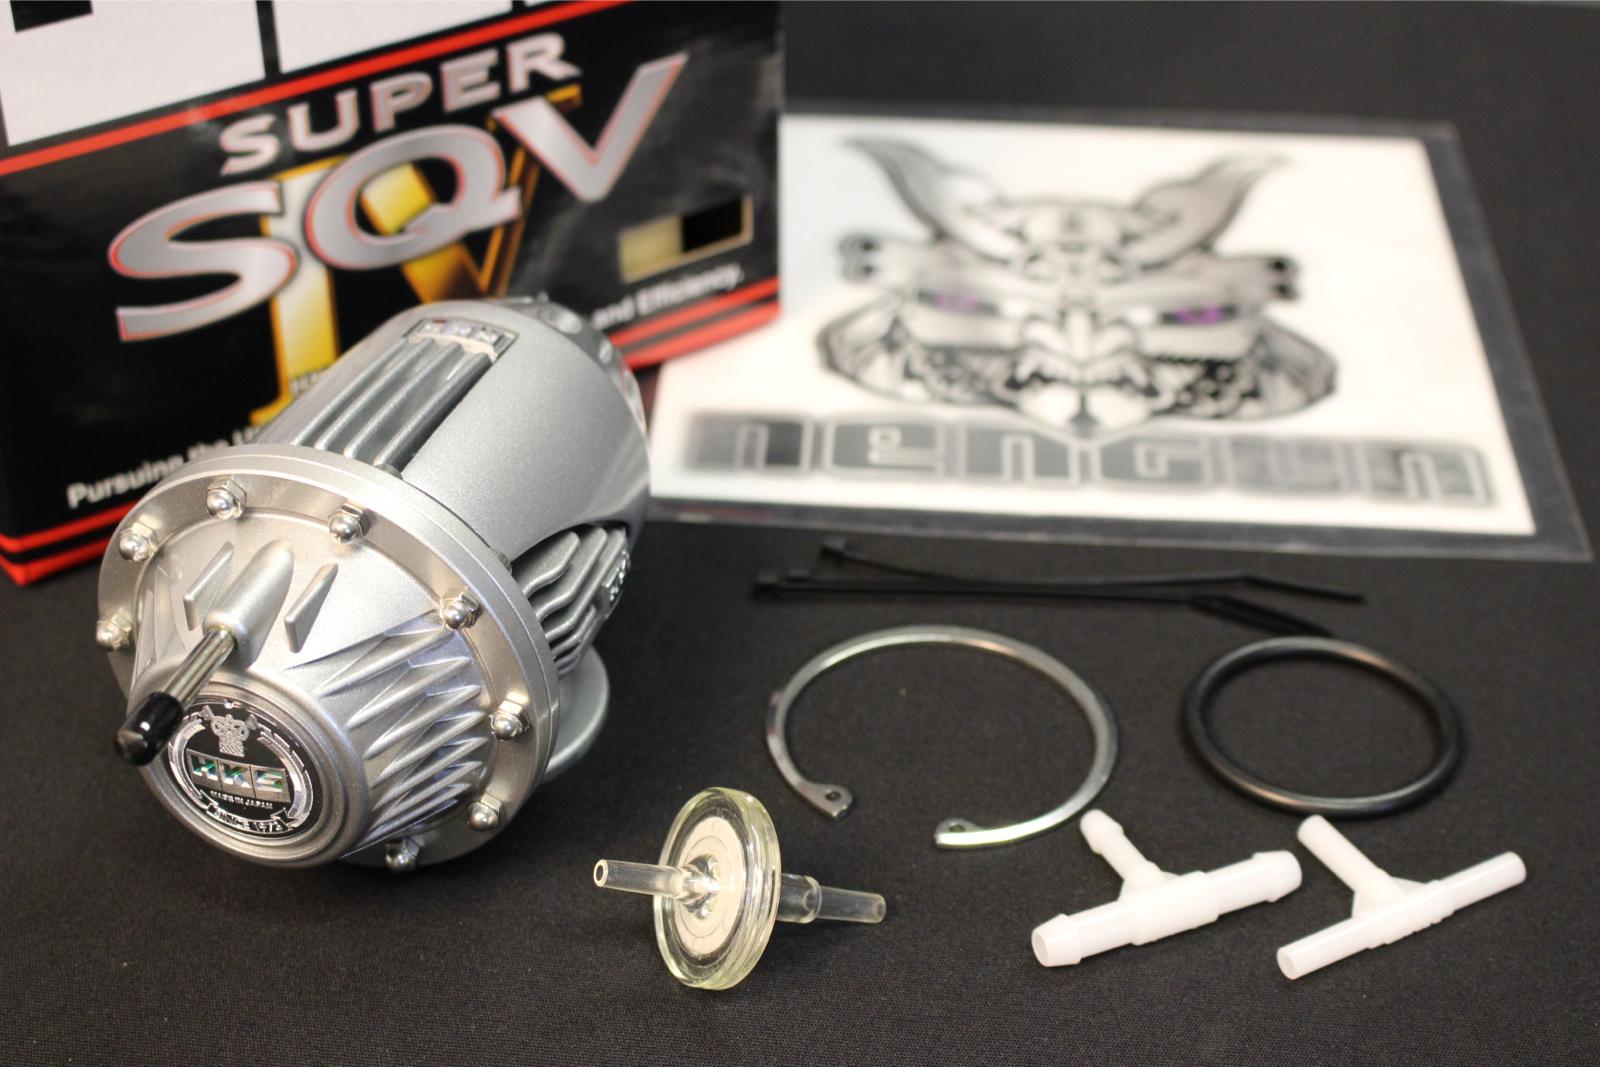 HKS SSQV4 BOV SUPER SEQUENTIAL SSQV SQV IV Turbo Blow Off Valve New Silver